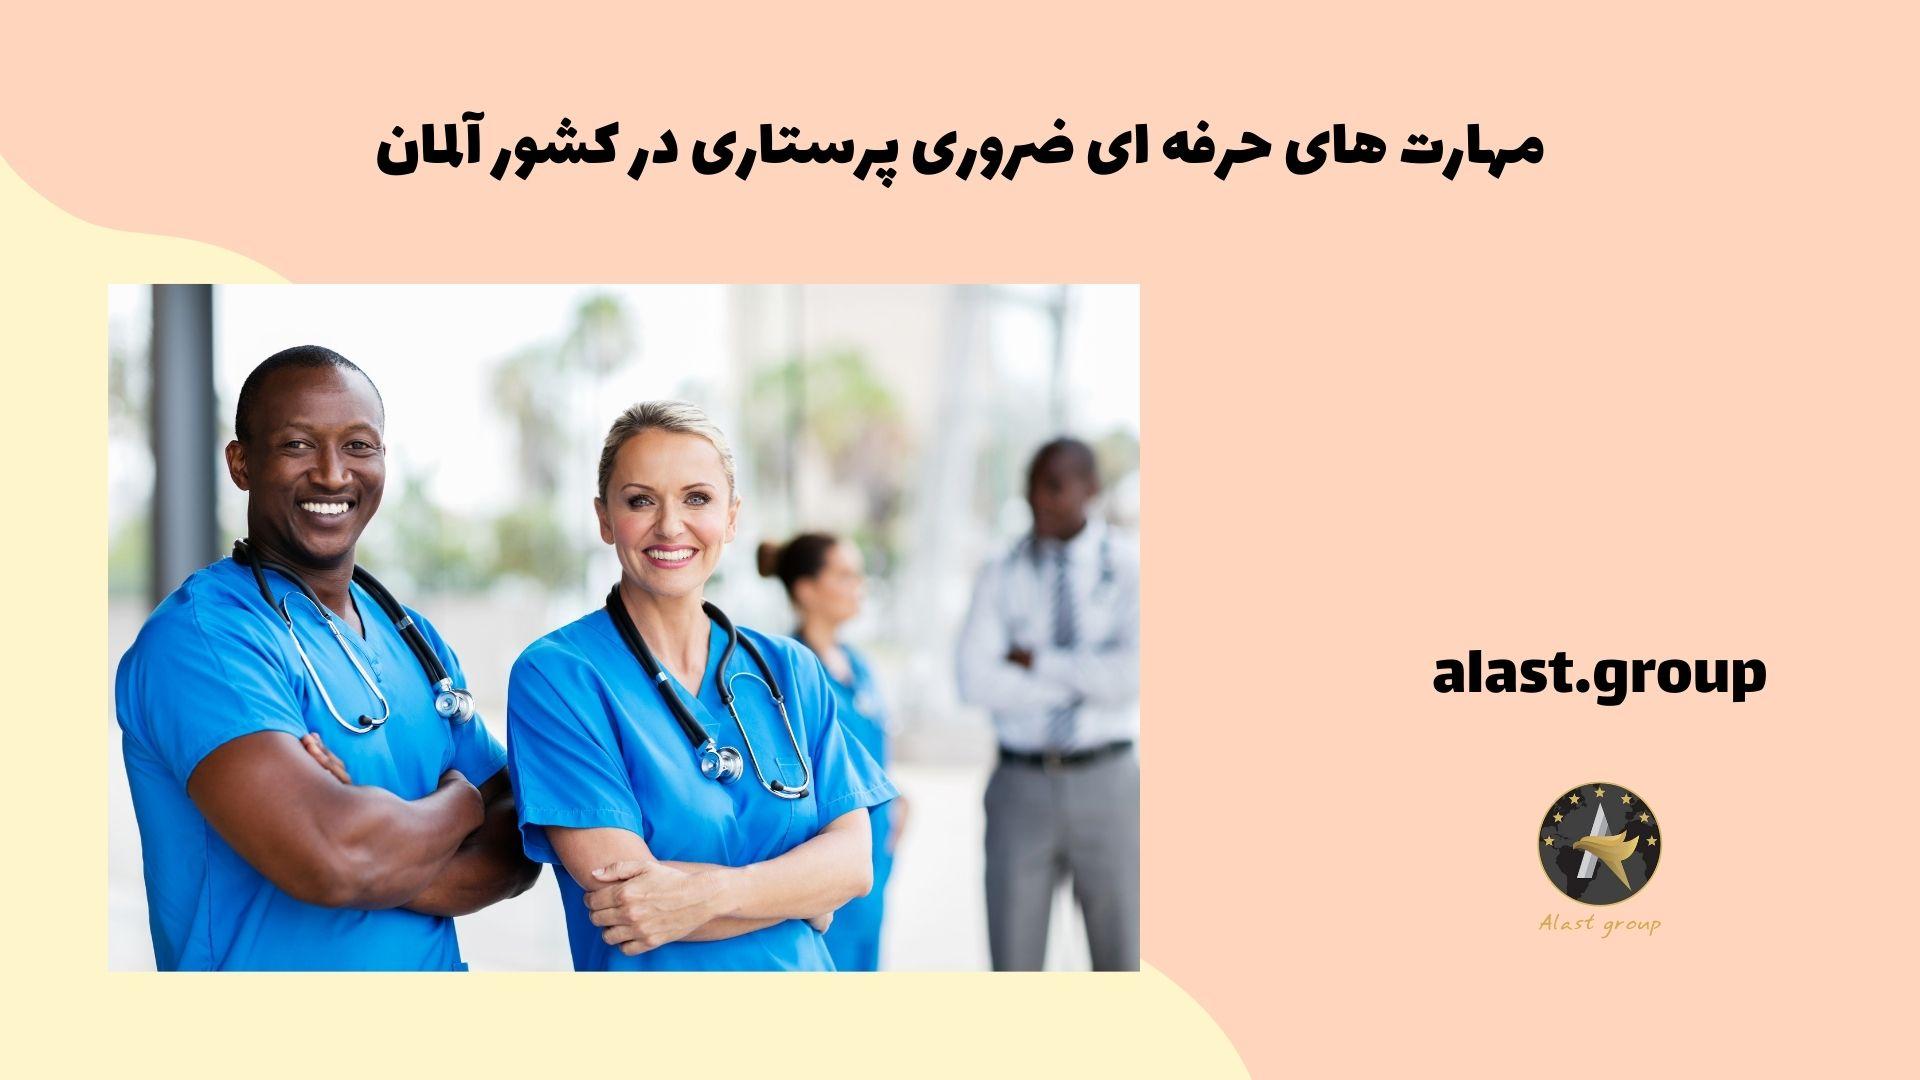 مهارت های حرفه ای ضروری پرستاری در کشور آلمان